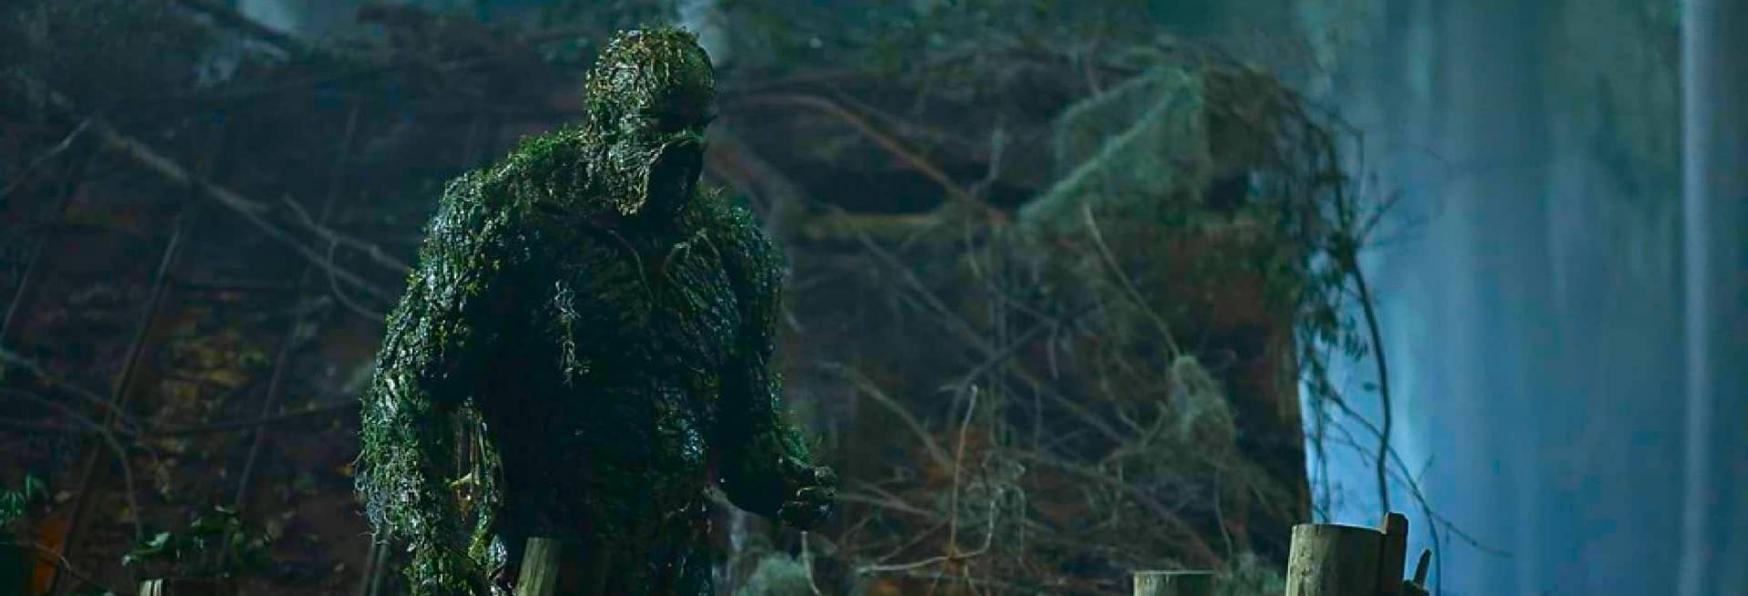 Swamp Thing 2 probabilmente non ci sarà! Nessun Rinnovo per la Serie TV